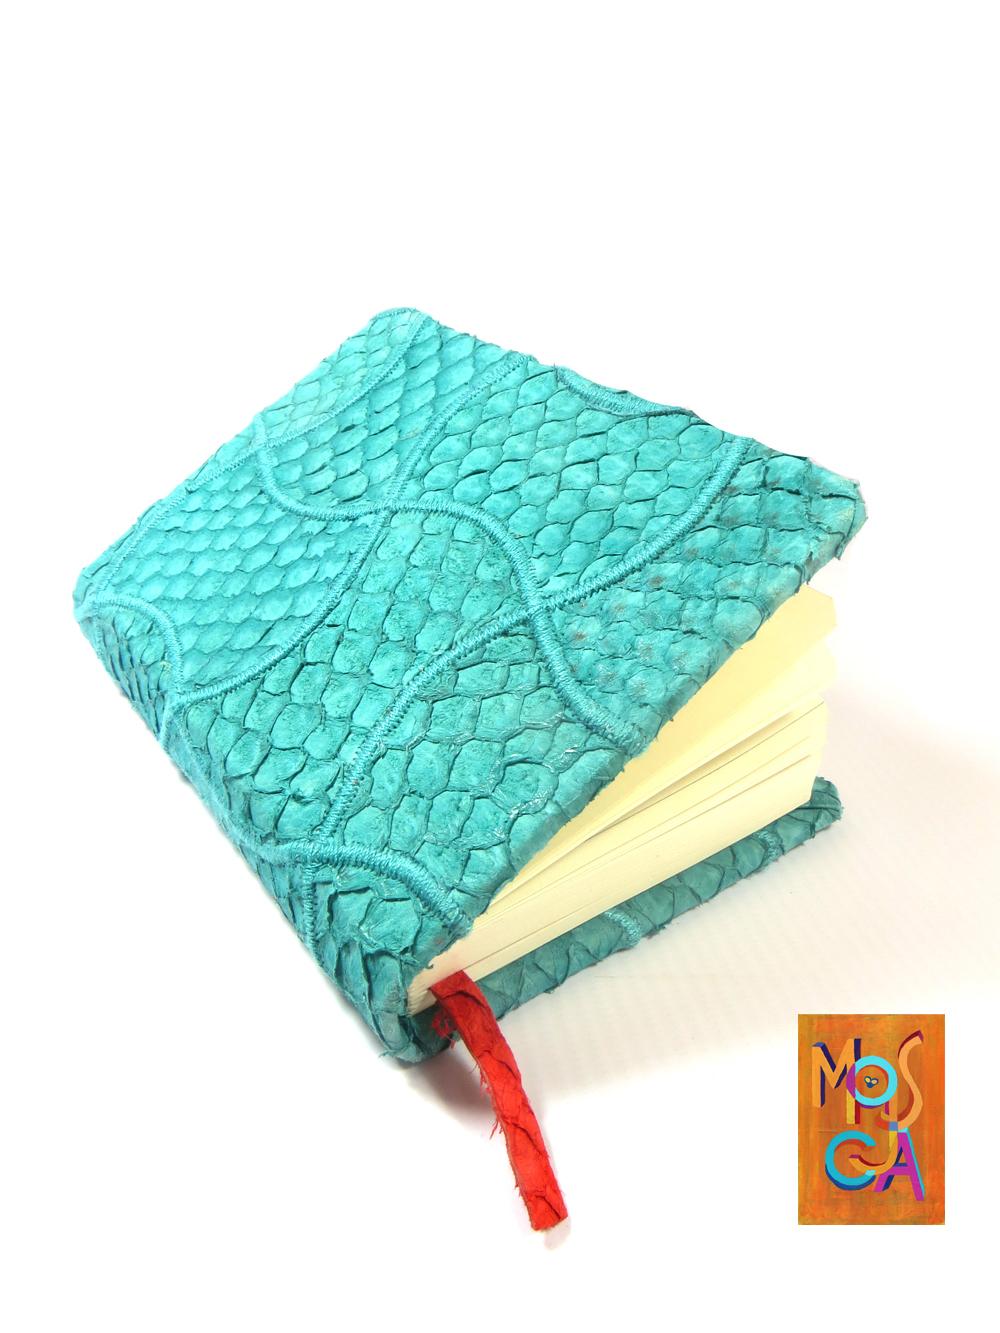 caderno turquesa02 MOSCA.jpg